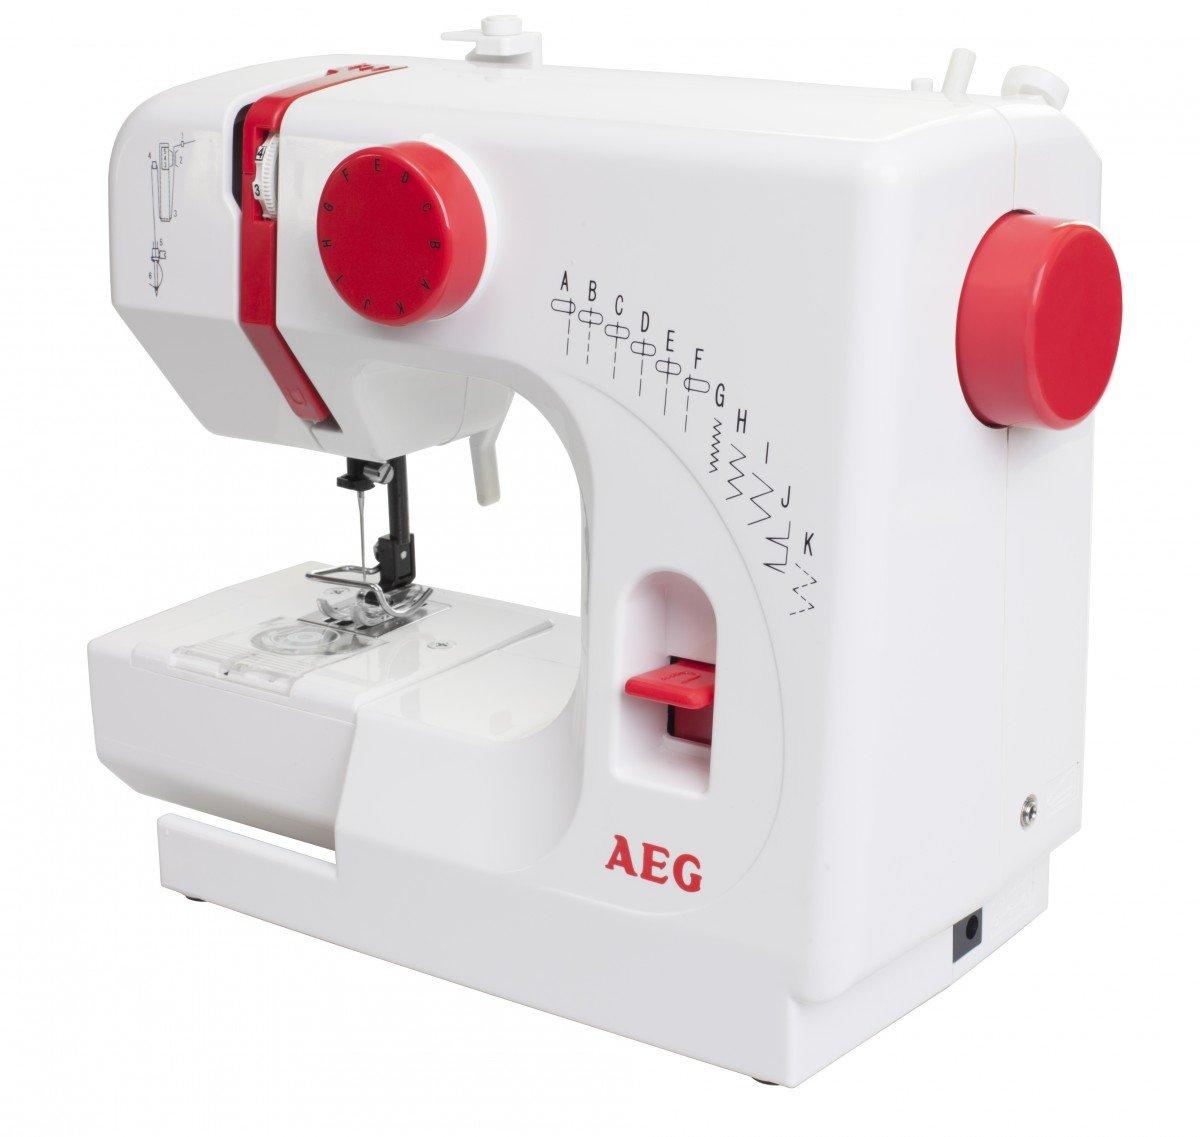 Macchina da cucire mini AEG 100 - Braccio libero 1390372